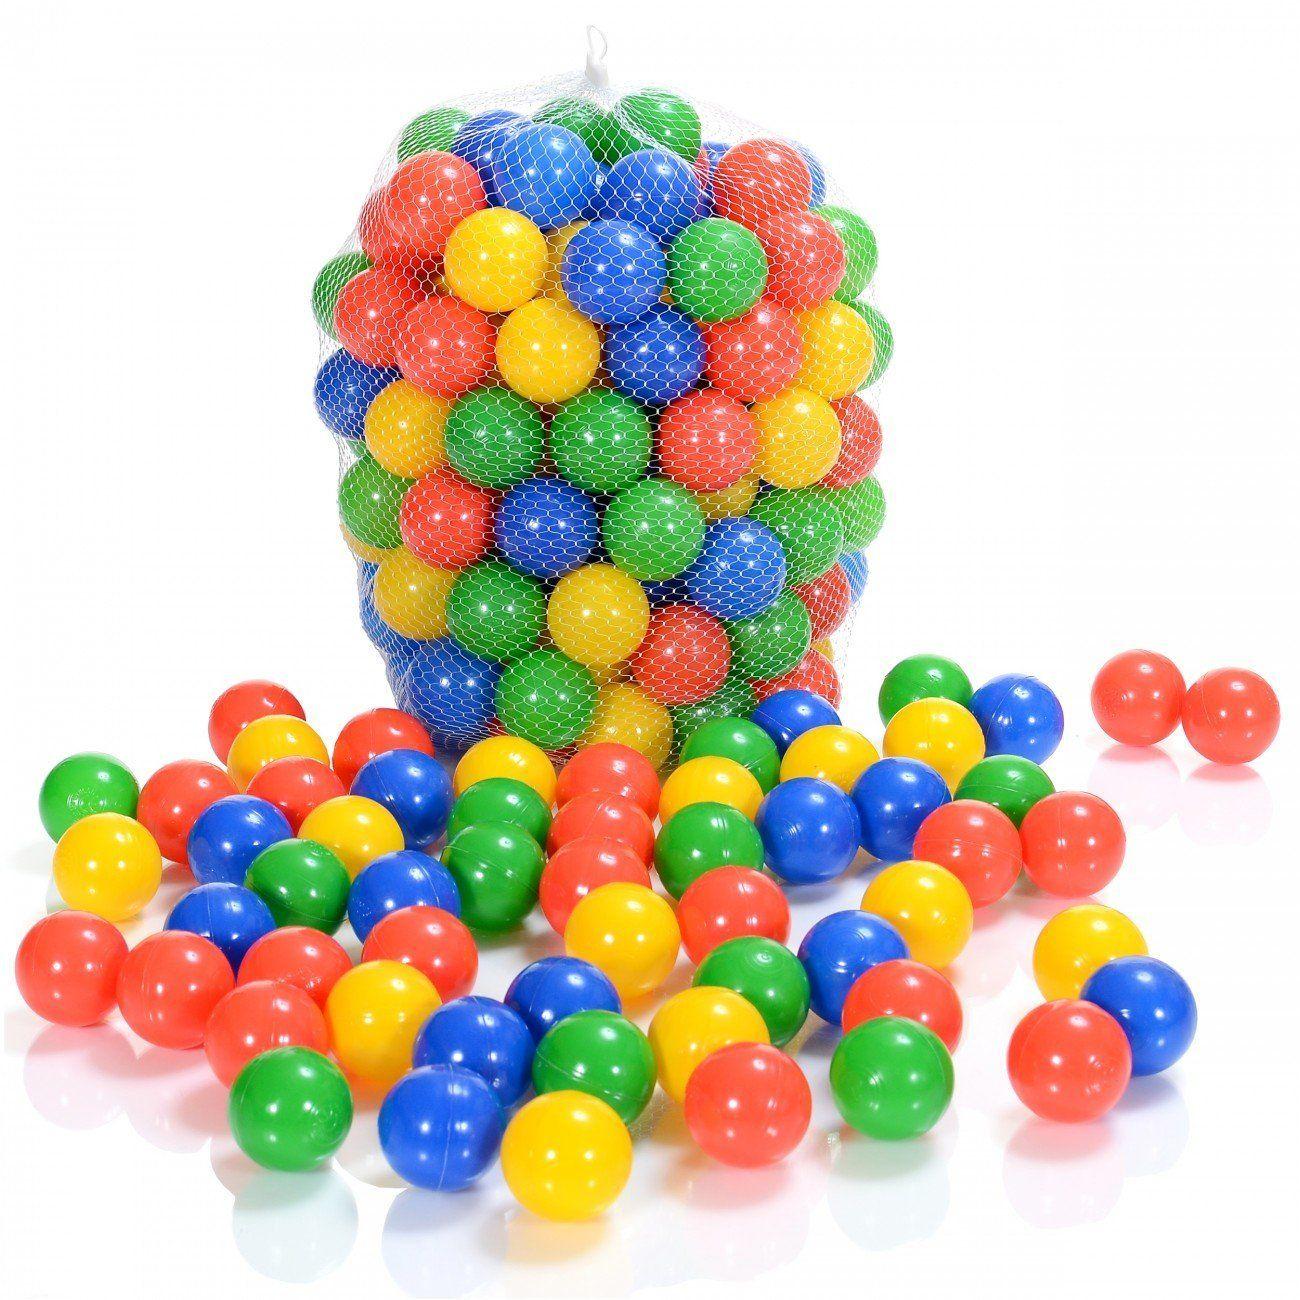 Balles Colorées Plastique De Piscine Enfants Et Bébé - 100 ... concernant Piscine Enfant Pas Cher